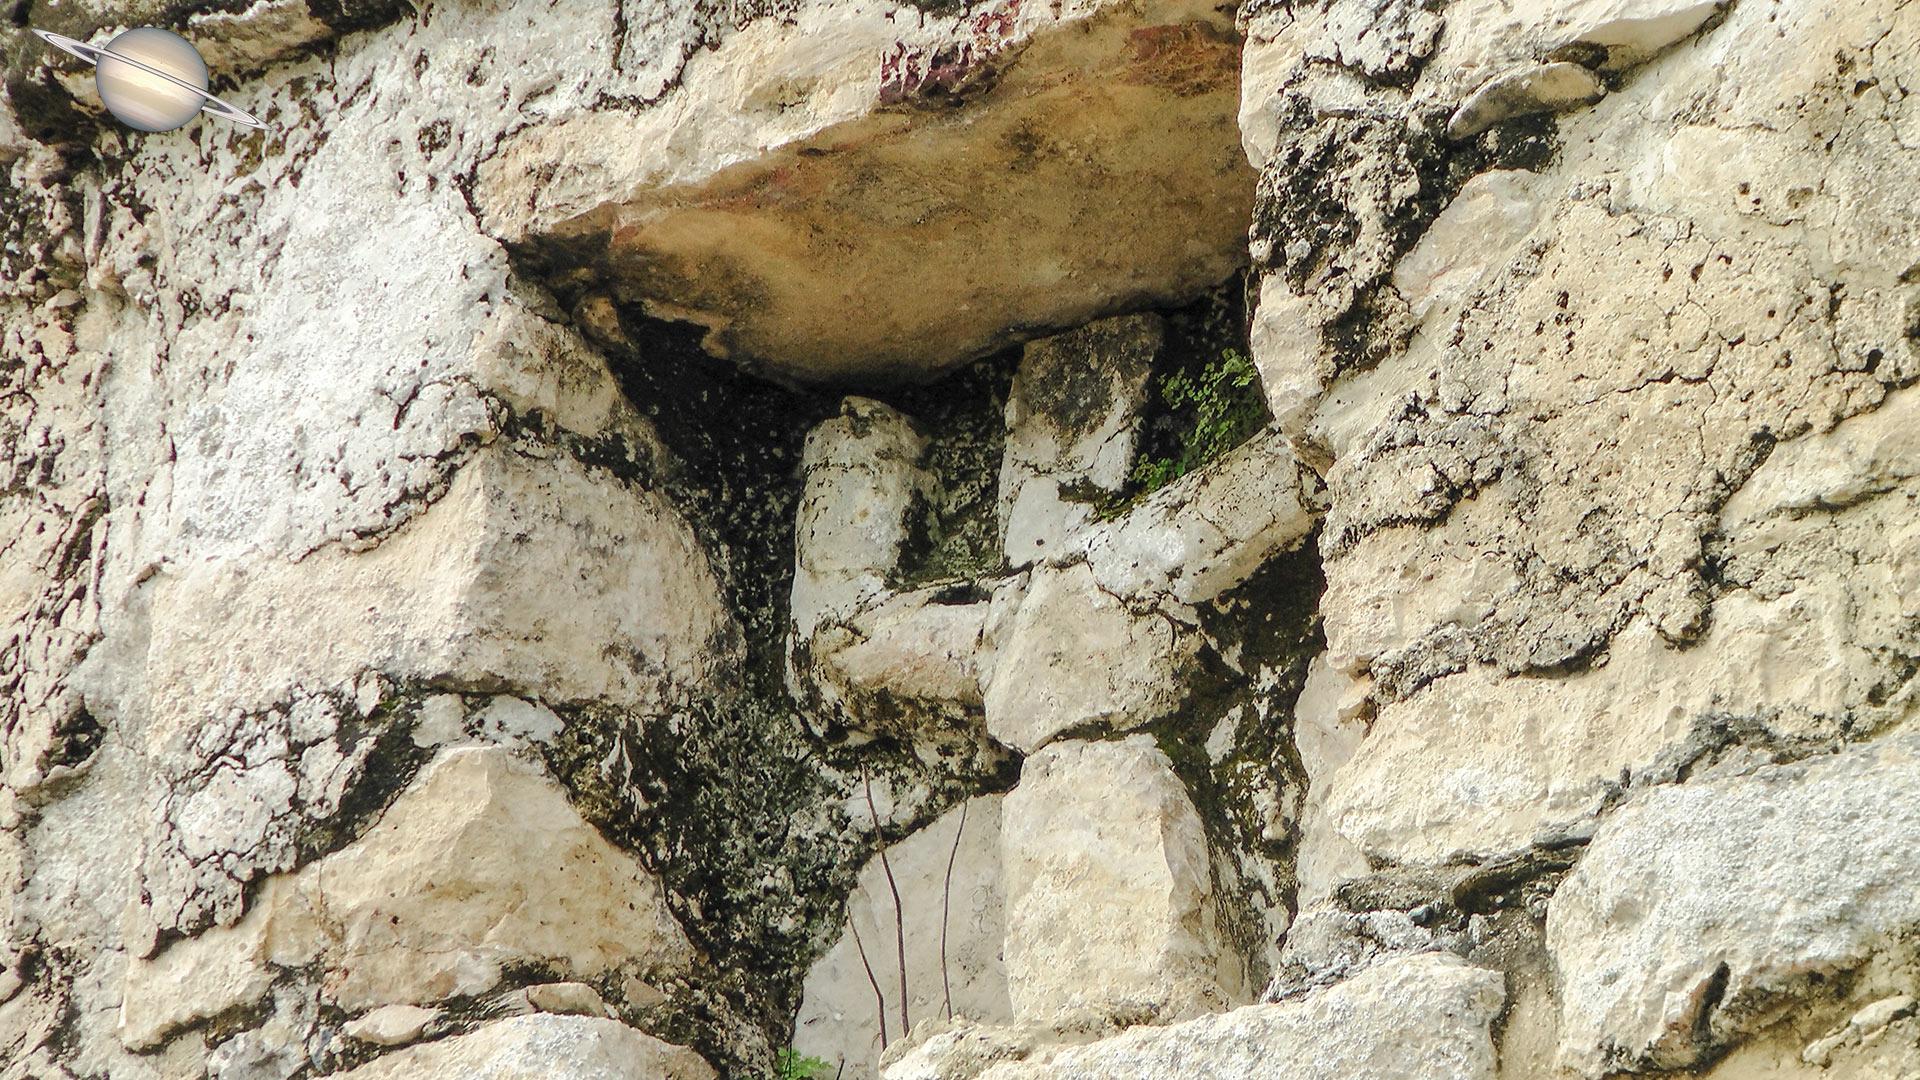 coba yucatan mexico 20 - Suba uma Pirâmide em Coba, Antiga Cidade Maia, México